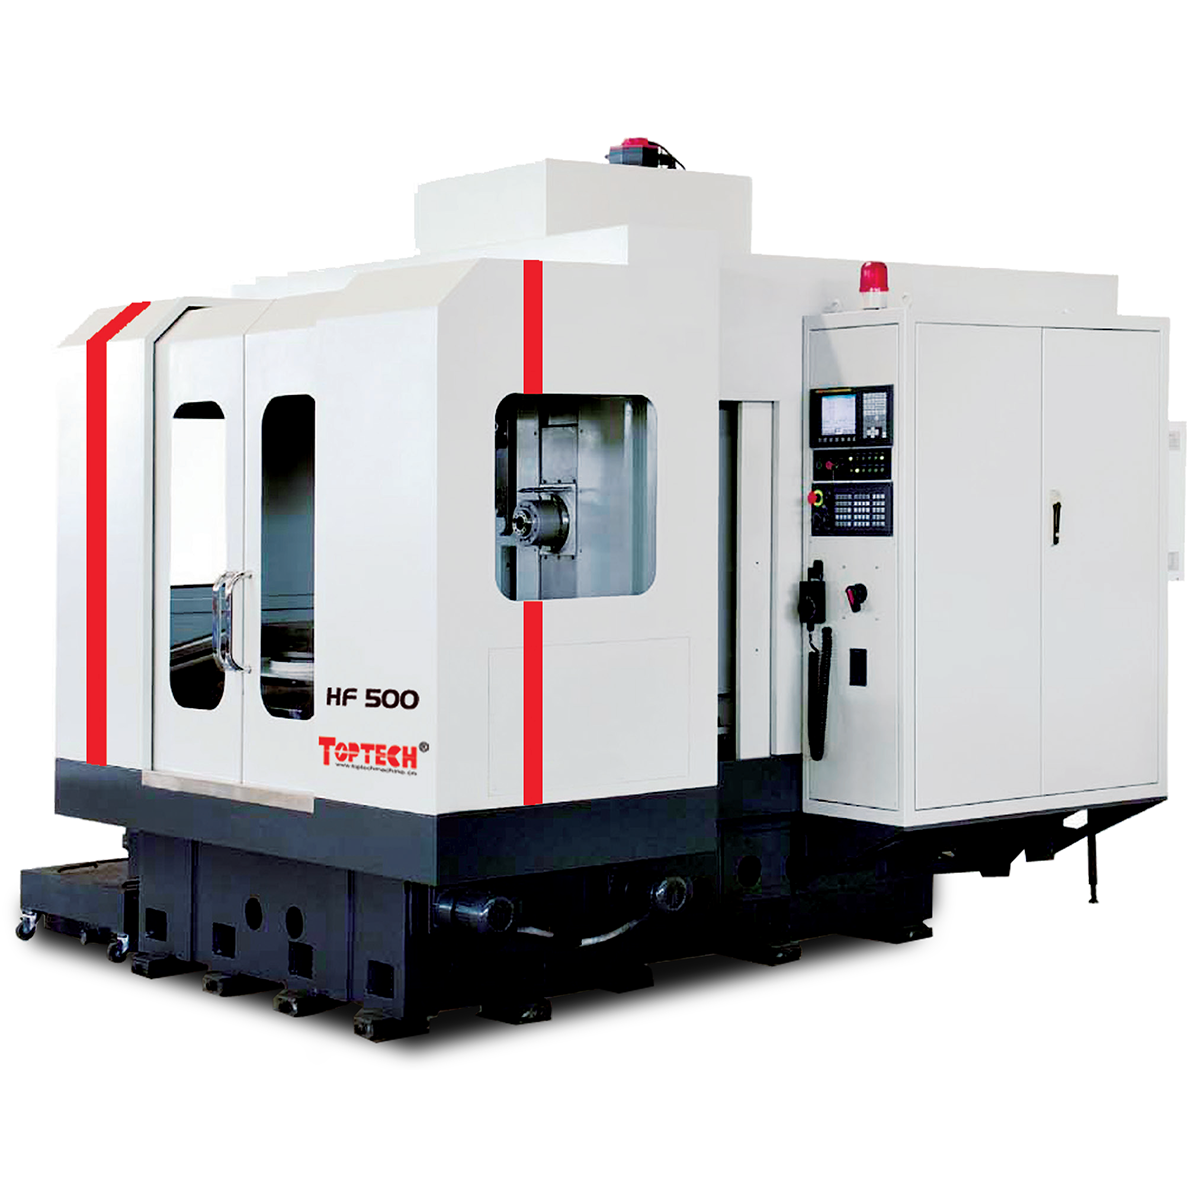 浙江HF500卧式加工中心